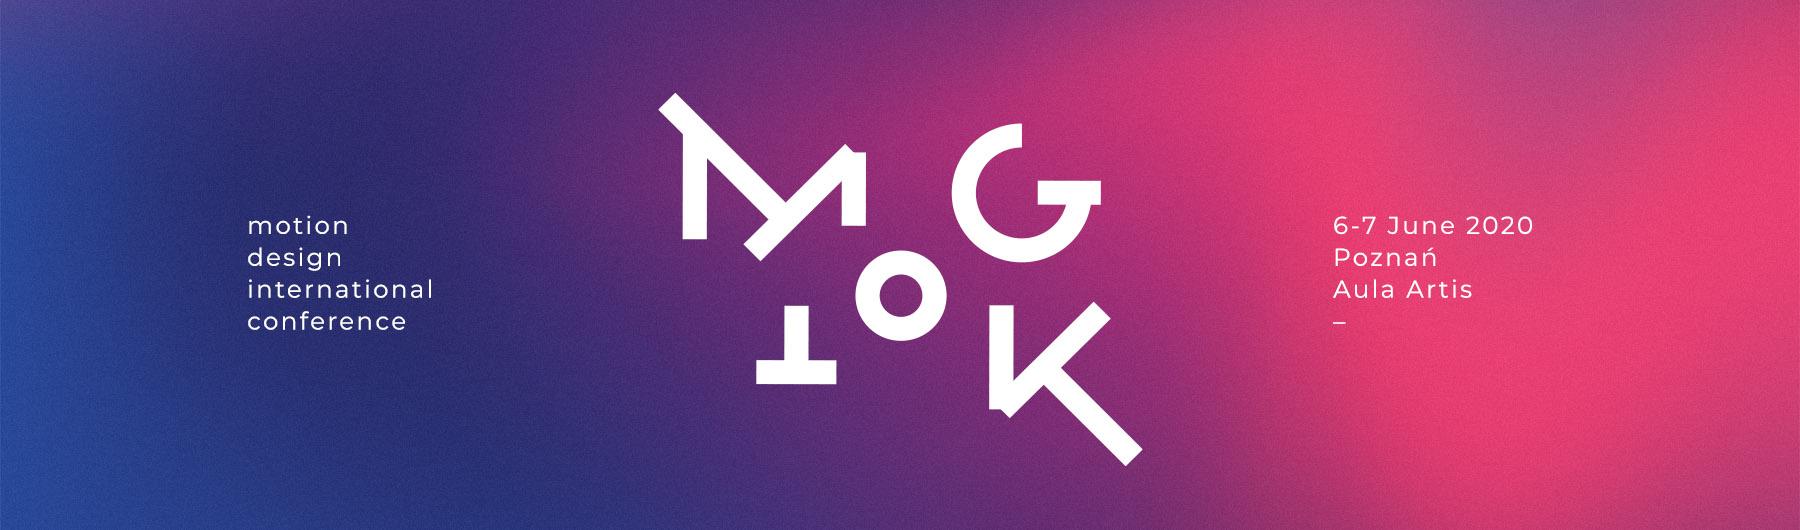 MOGIK Motion Design International Conference 2020